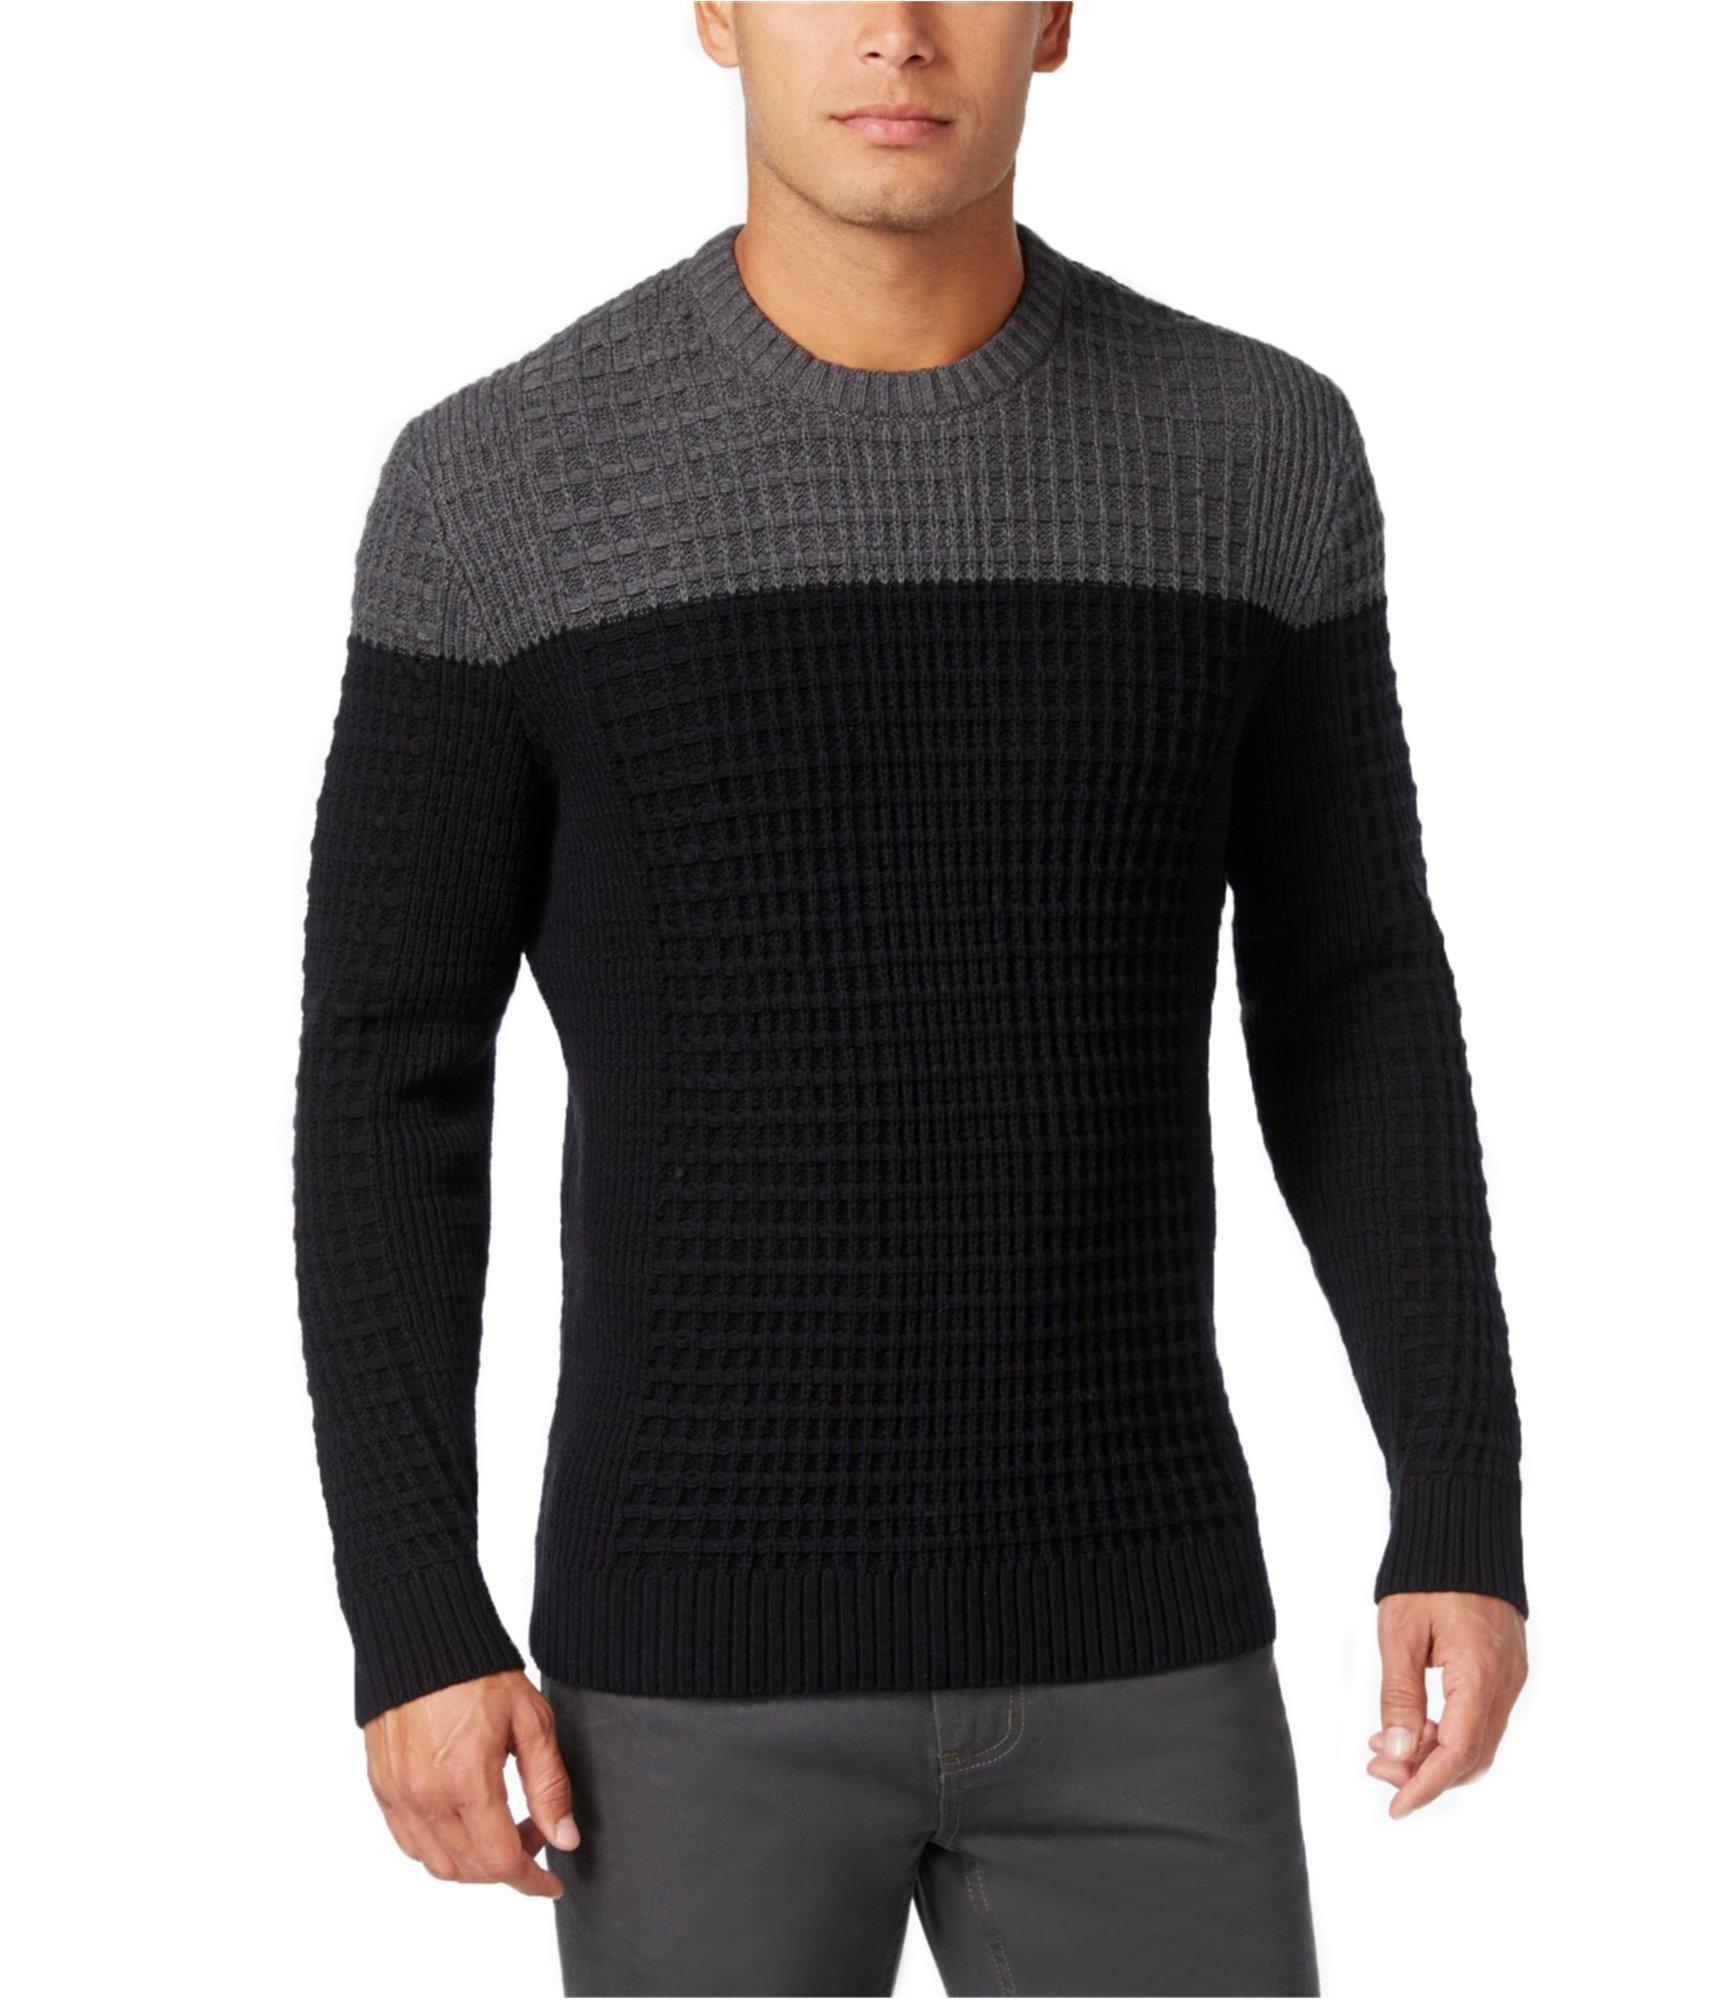 Alfani Mens Textured Polo Sweater Black LT - Big & Tall